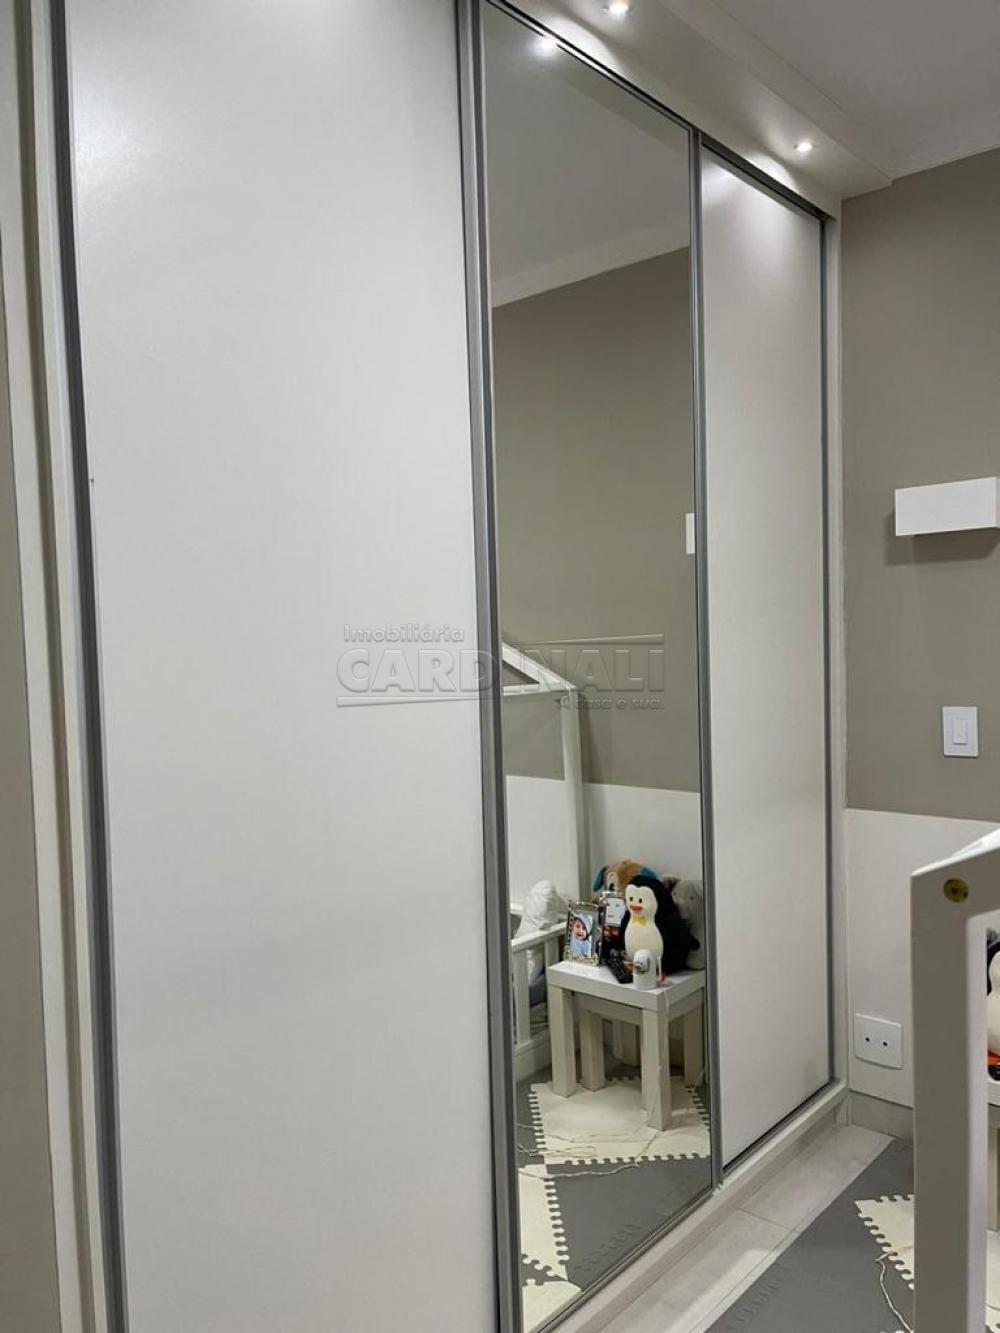 Comprar Apartamento / Padrão em São Carlos apenas R$ 980.000,00 - Foto 14